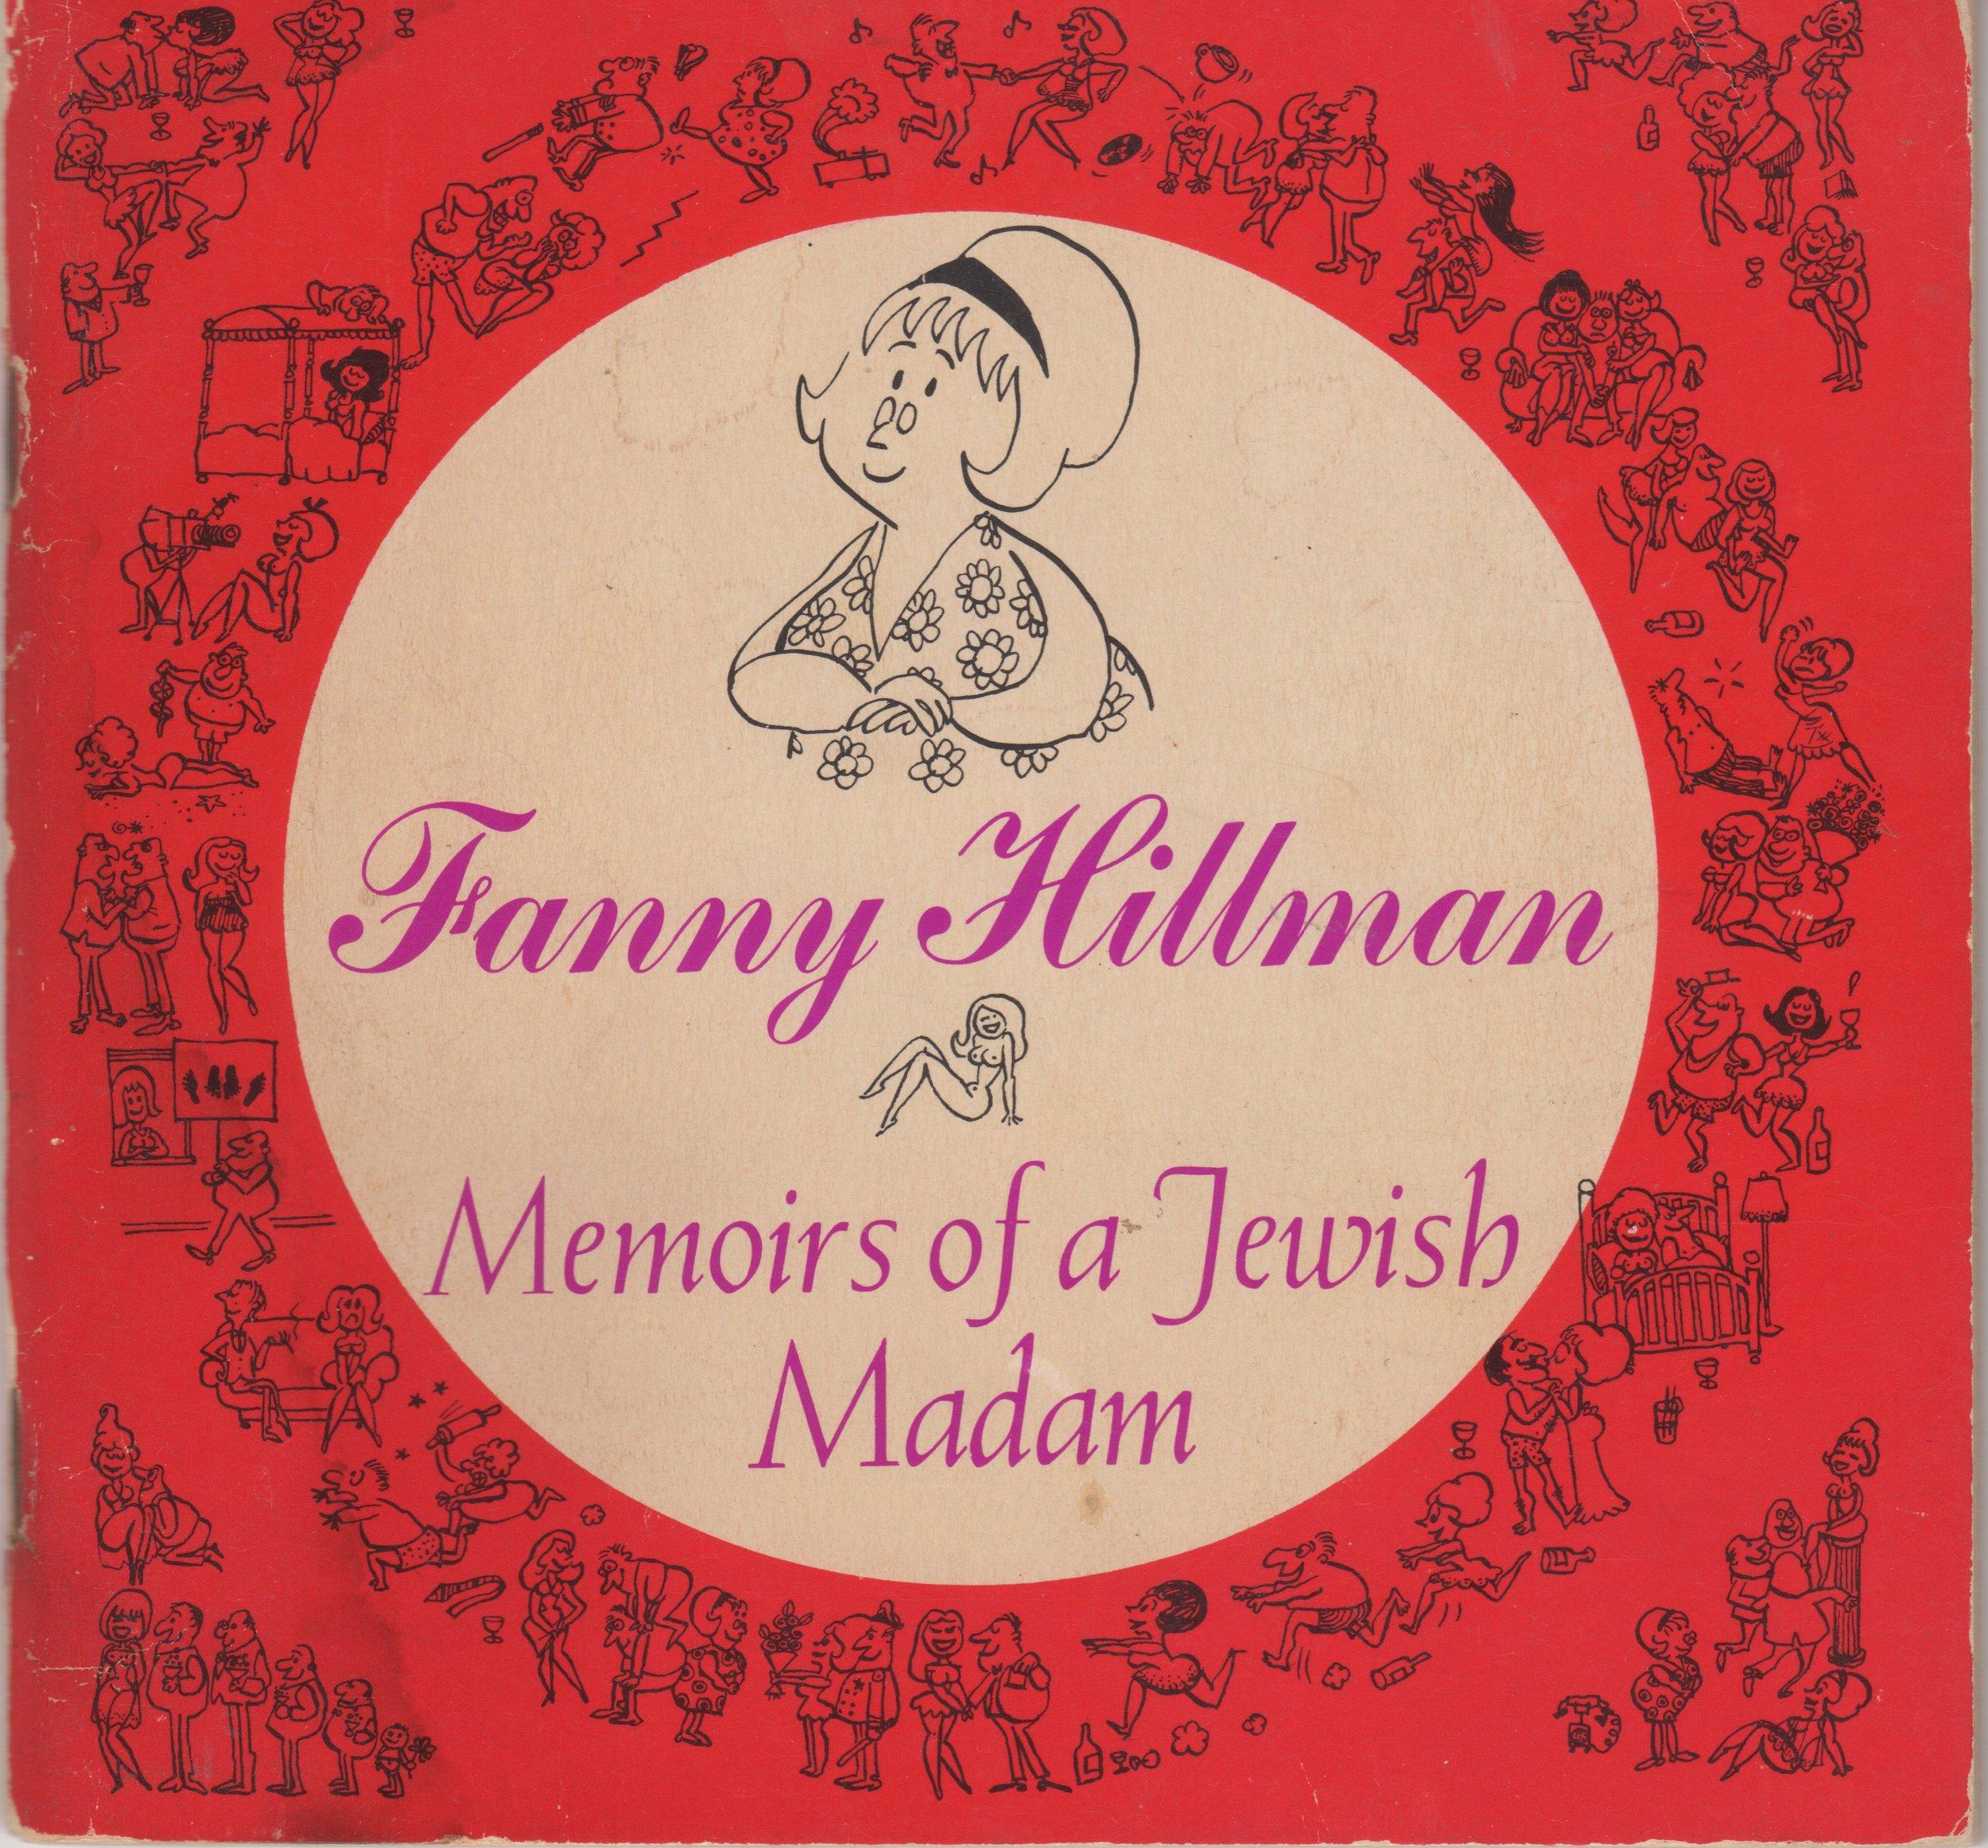 Fanny Hillman's debut